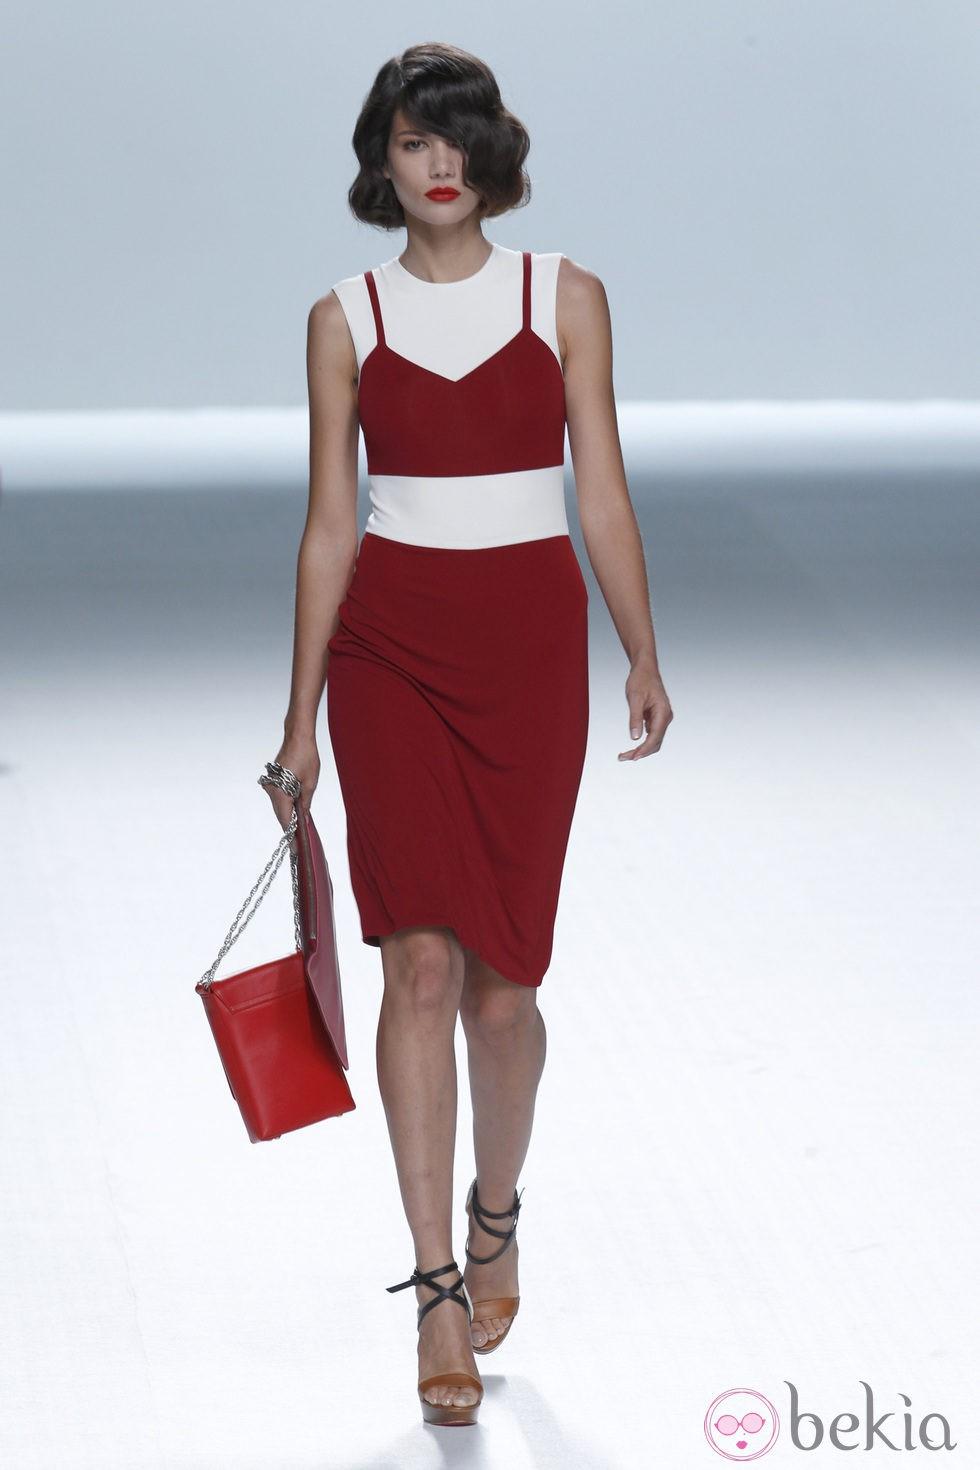 Vestidos de rojo y blanco